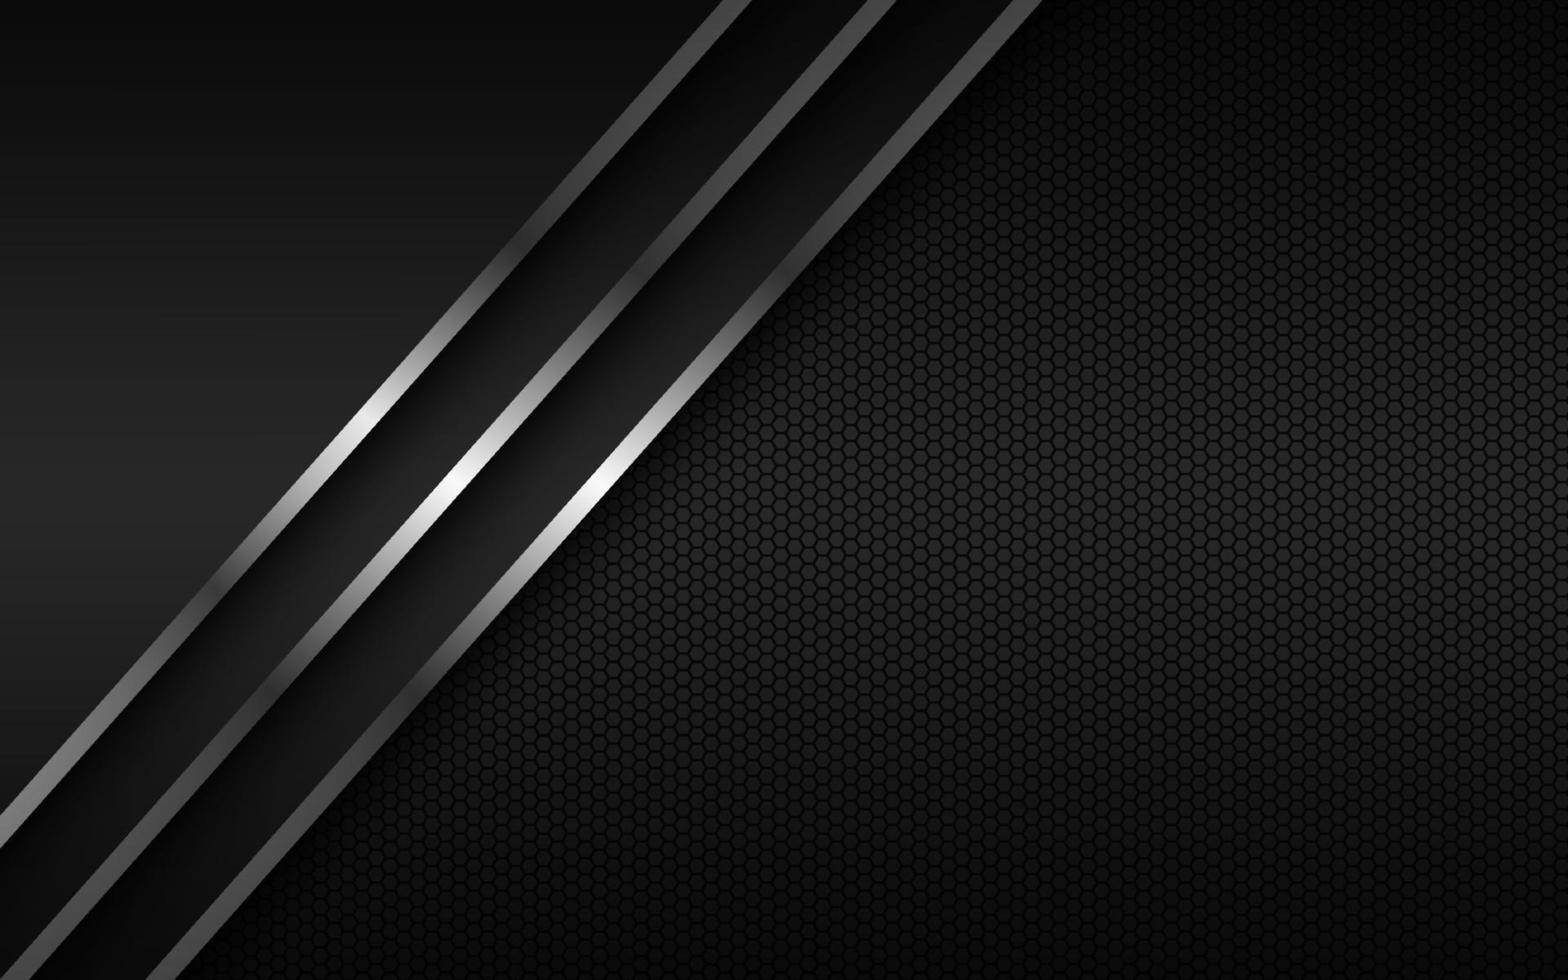 abstakt bakgrund med silverlinjer på överlappande lager och månghörnigt mönster. mall för din banner och presentation. modern vektorillustration vektor